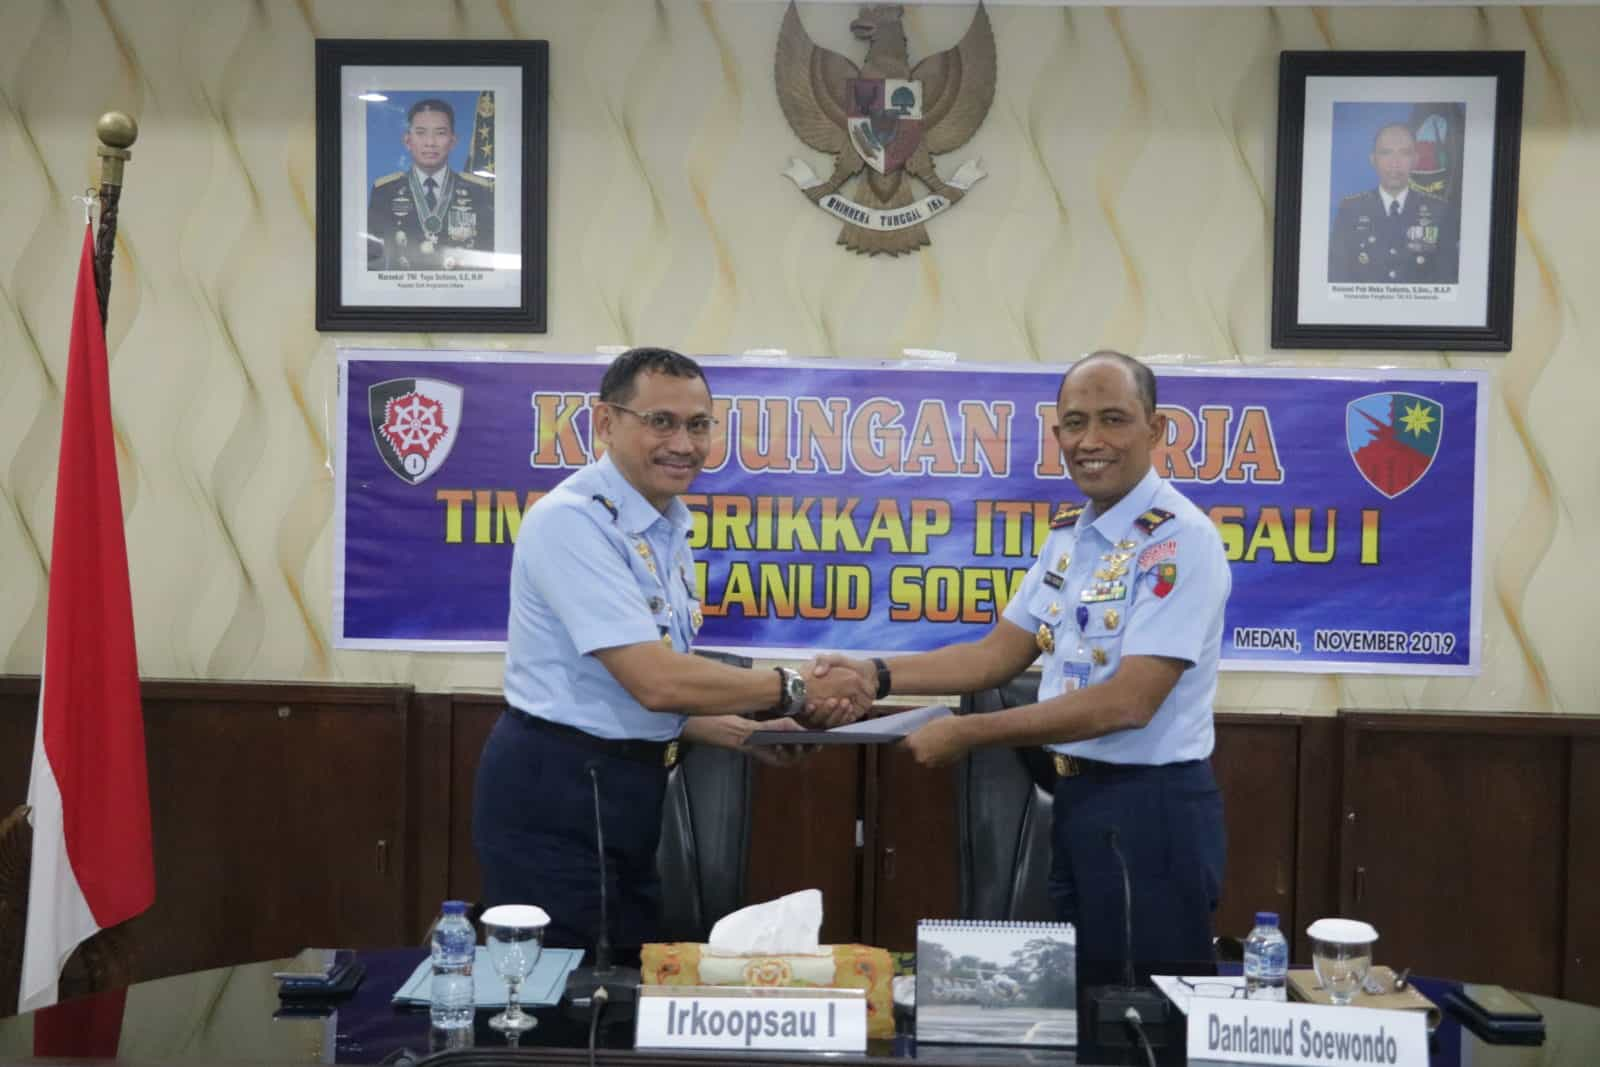 Exit Briefing Tim Wasrikkap Itkoopsau I Di Lanud Soewondo